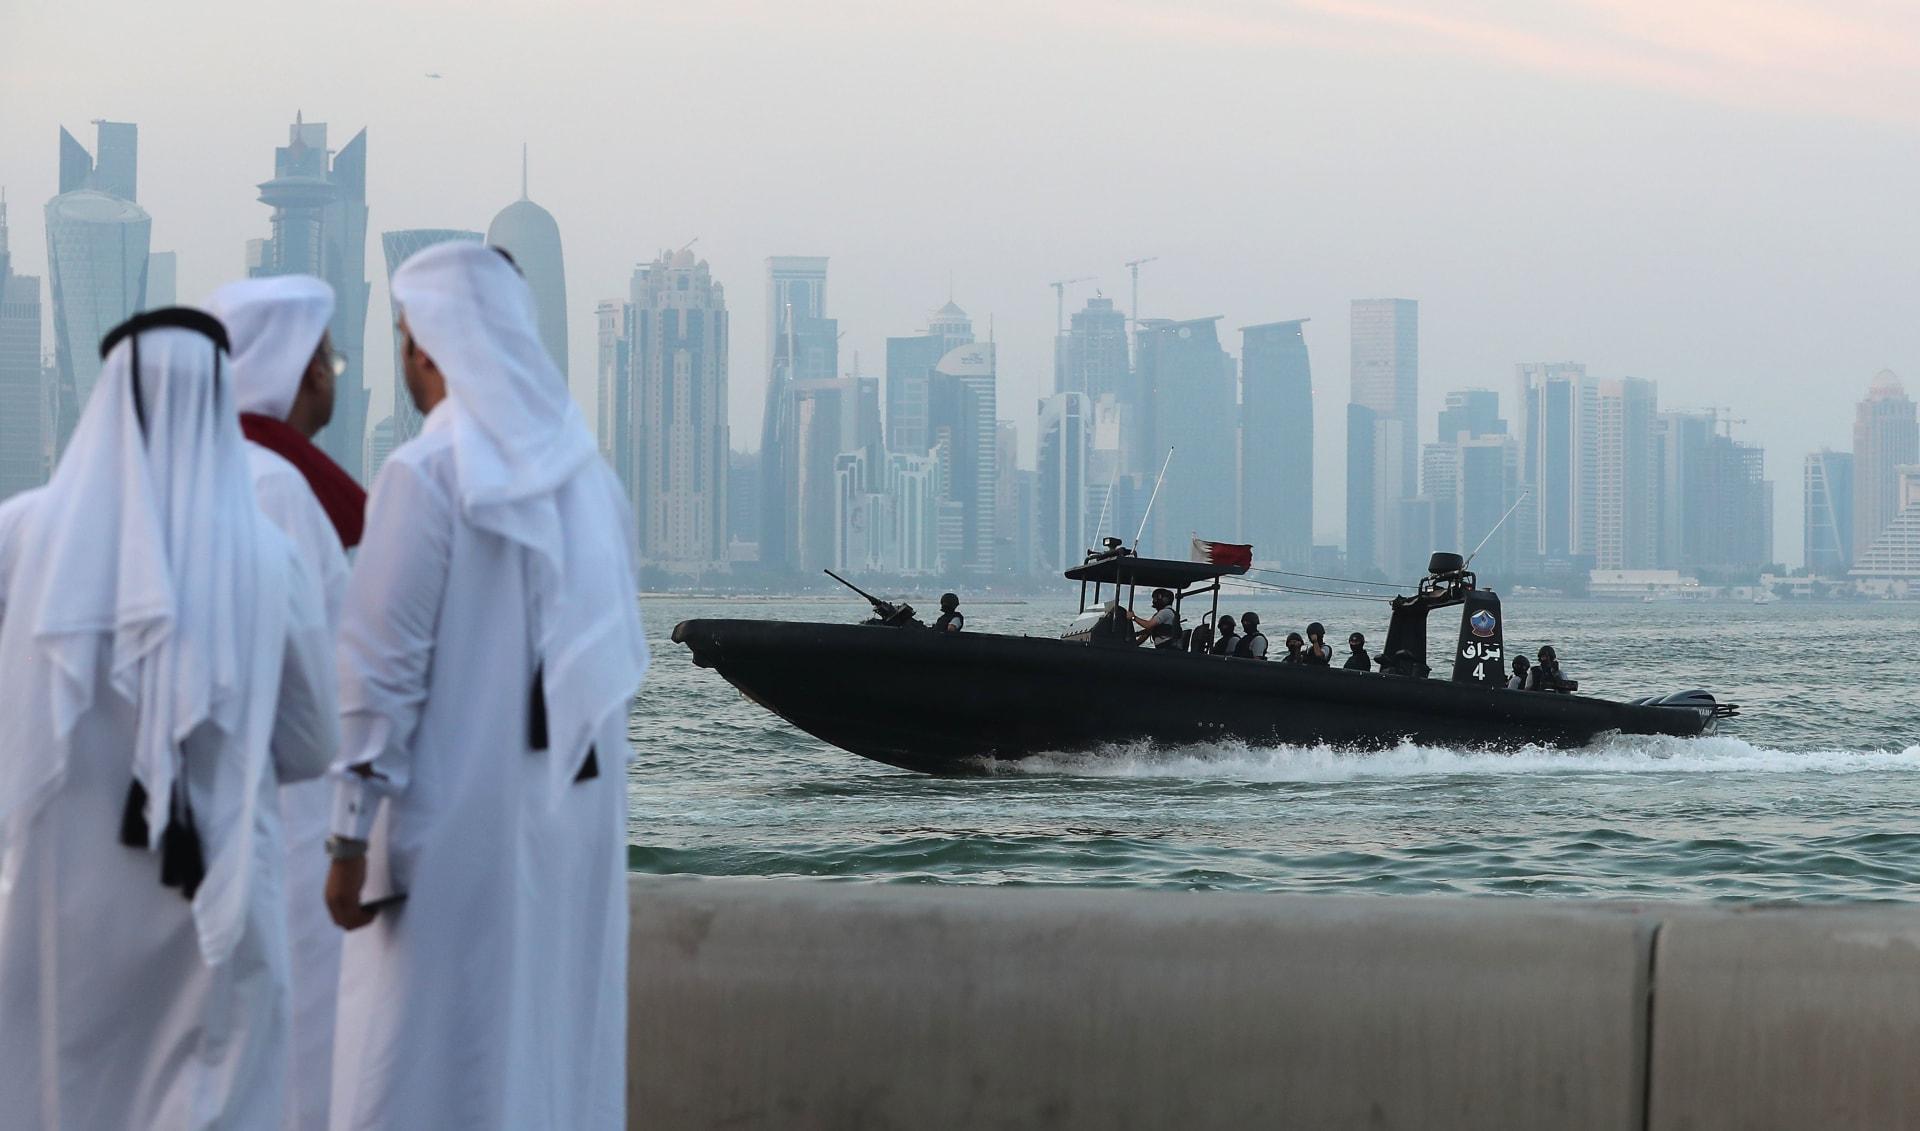 بيان للدول الأربع: تقرير البعثة الدولية حول أزمة قطر منحاز